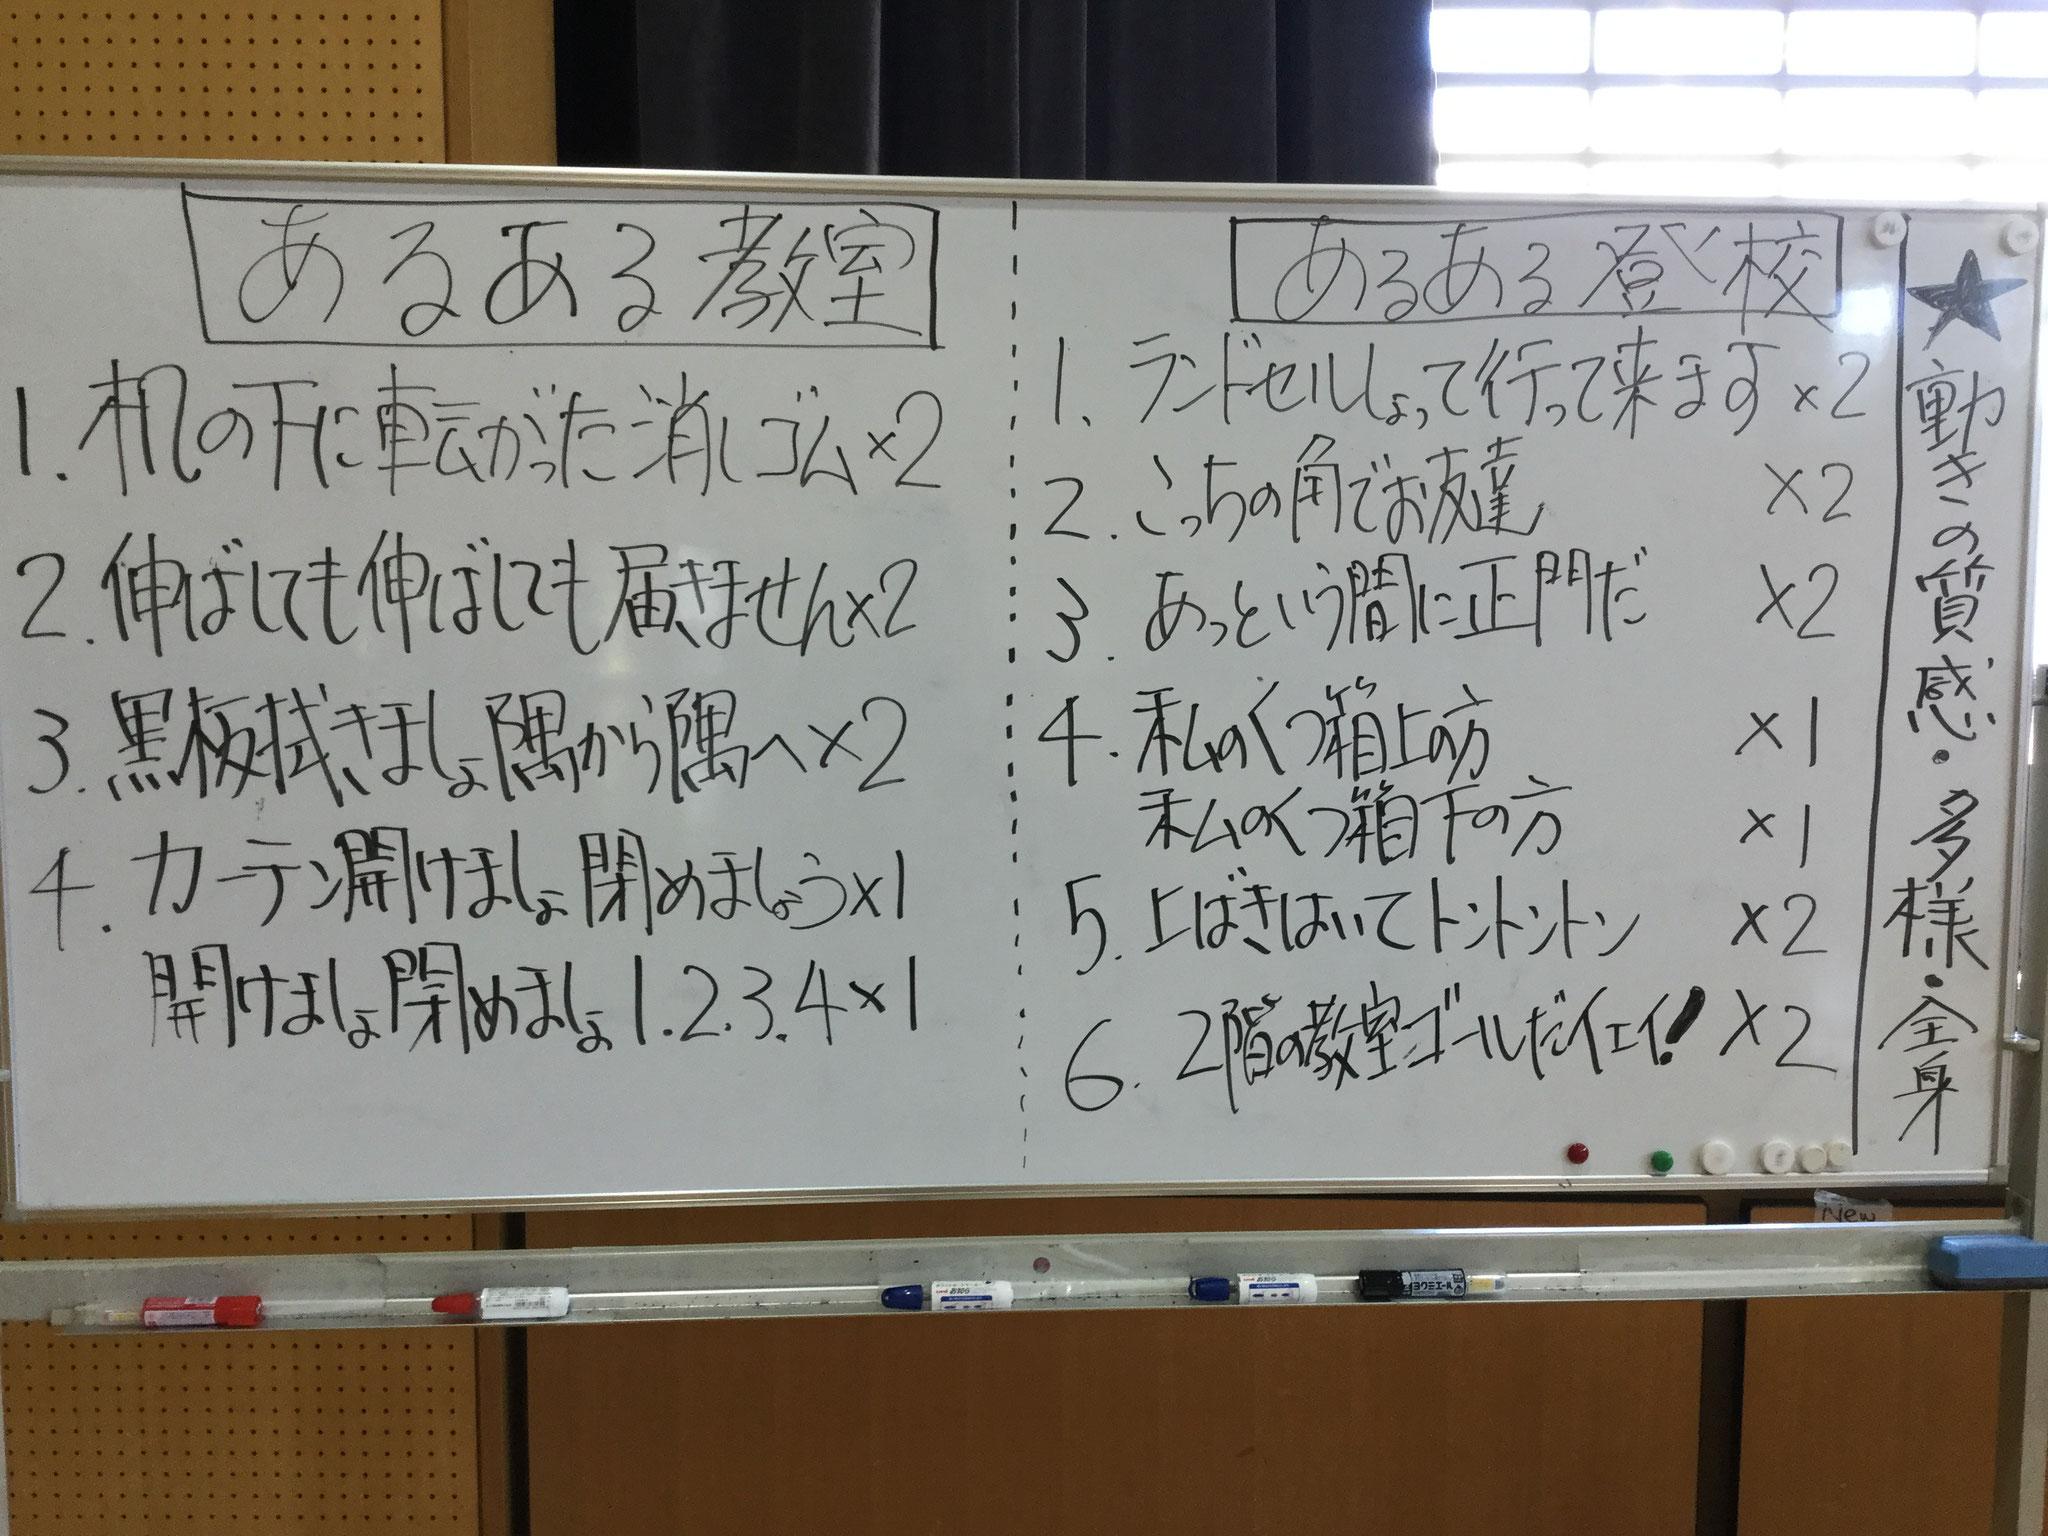 あるあるダンス(笠井先生ver,)